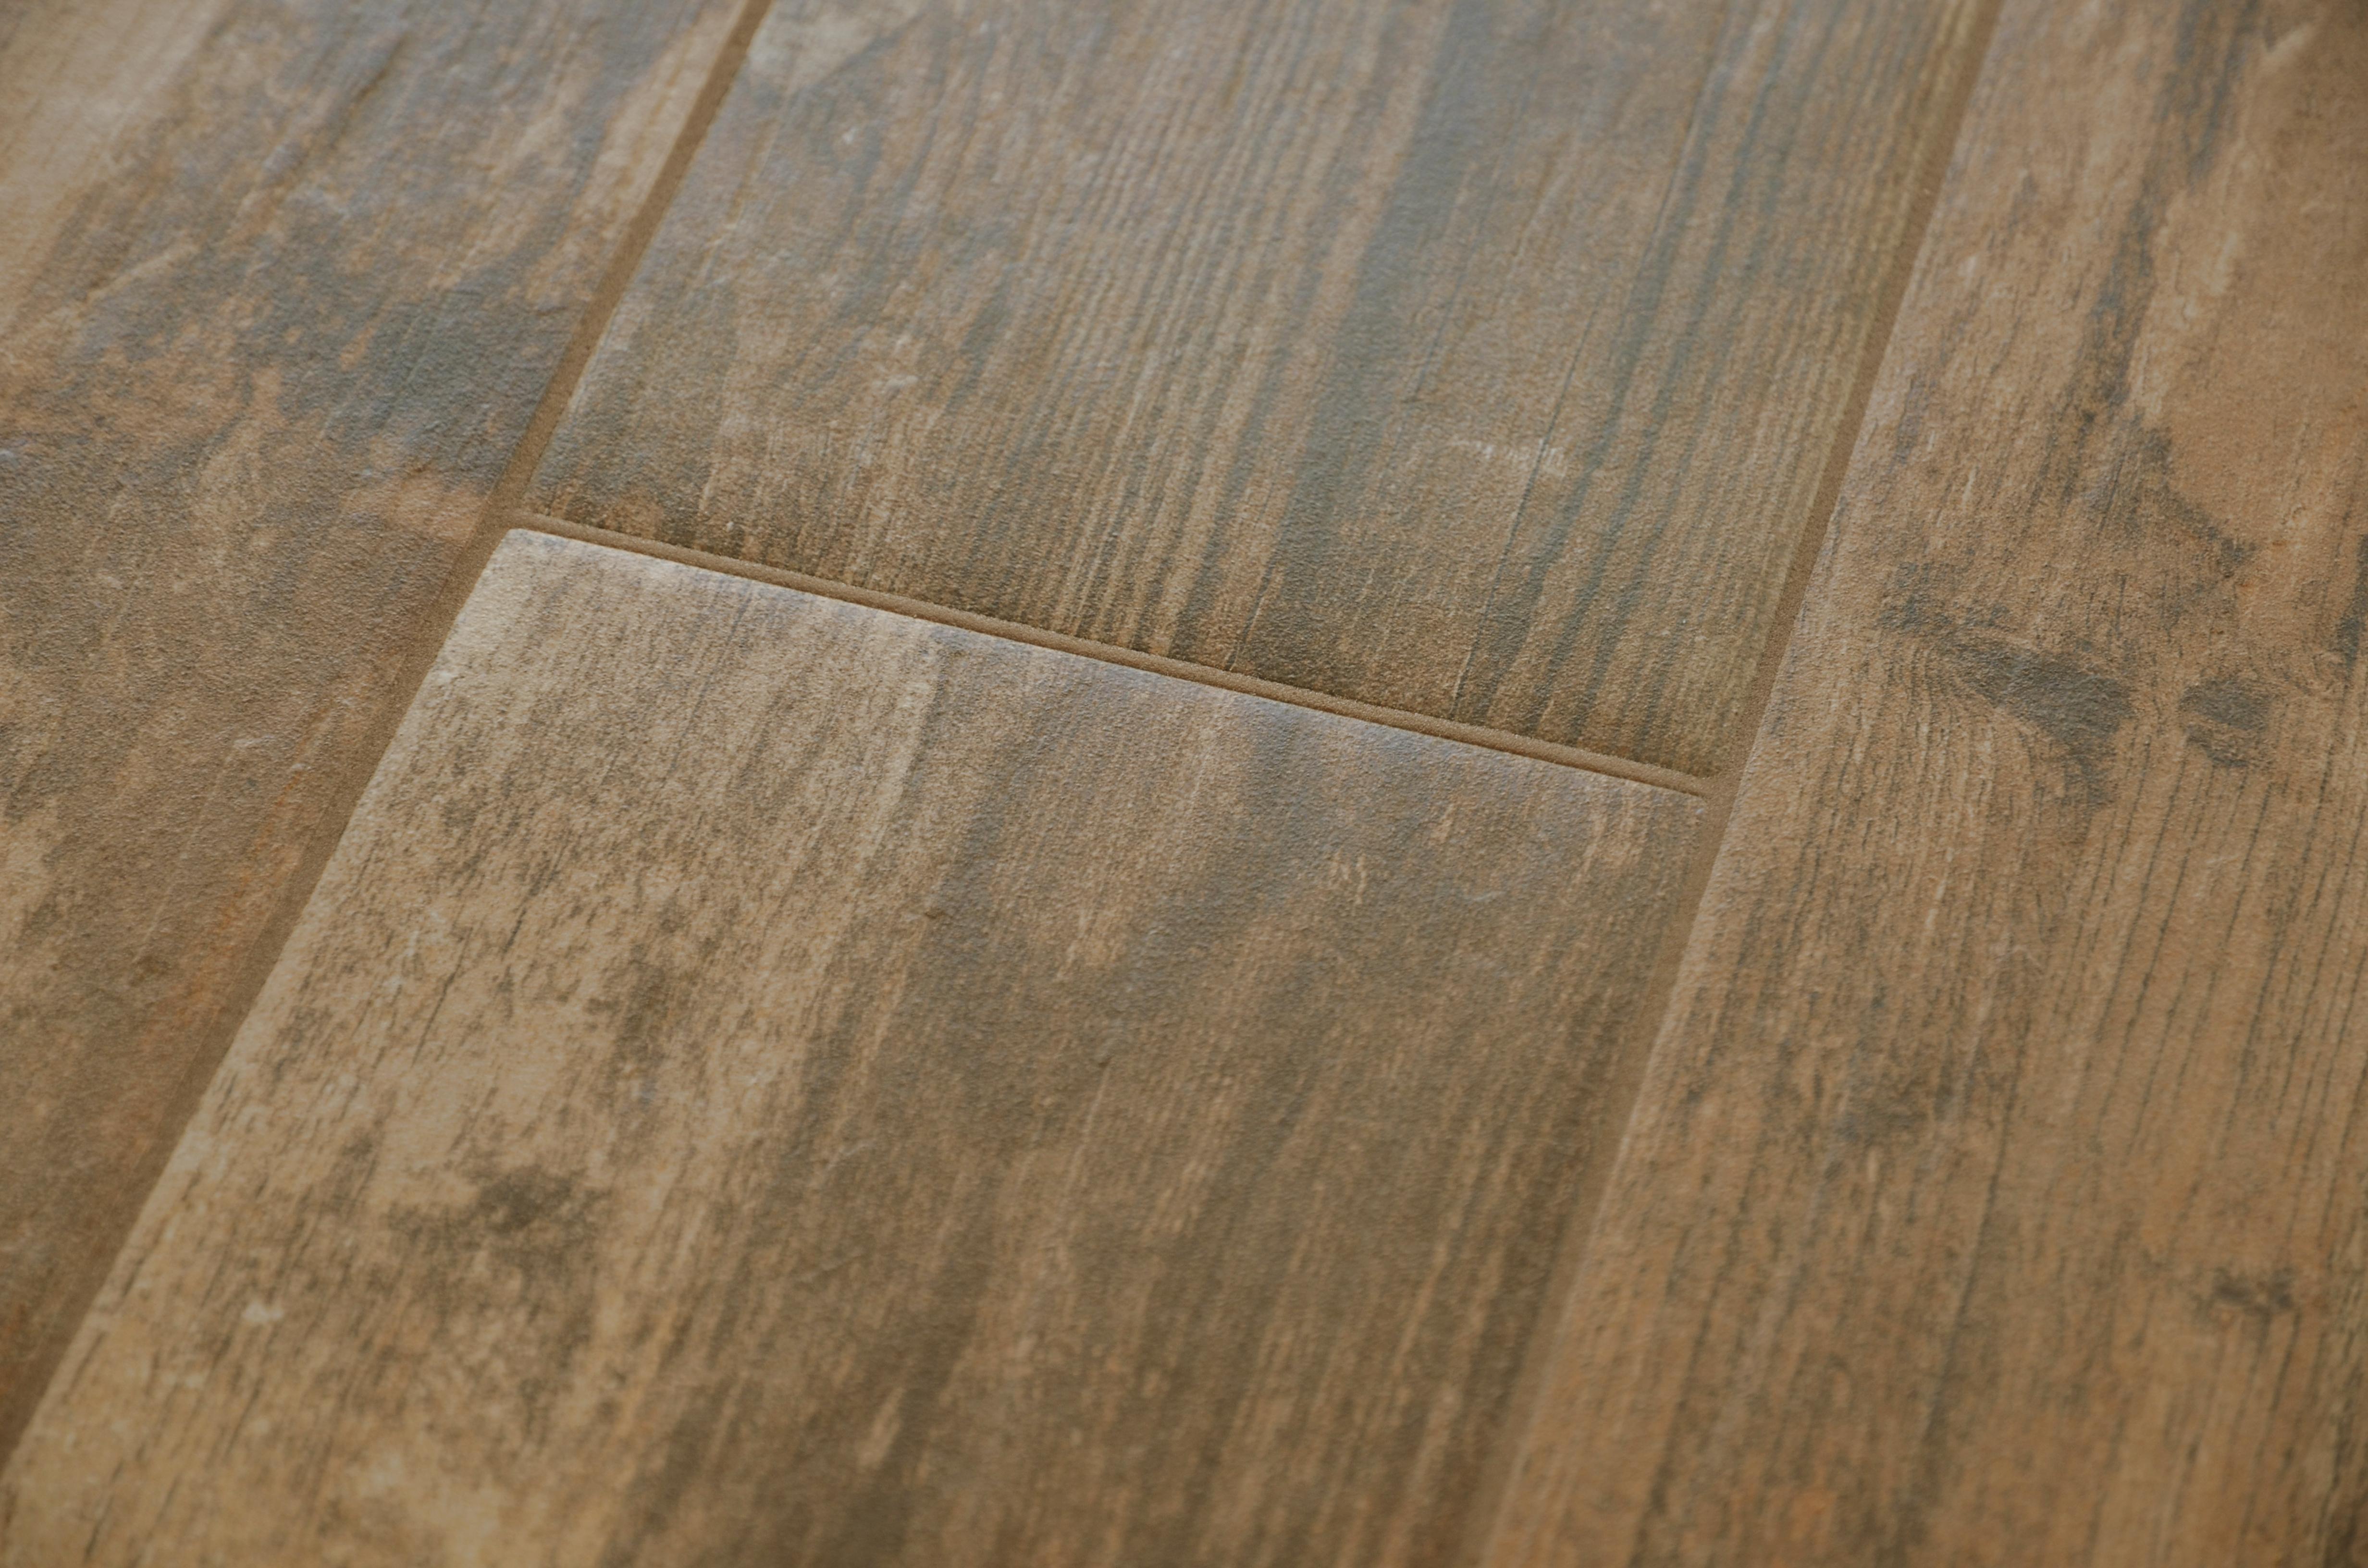 Colore Fughe Piastrelle Beige fughe delle piastrelle: uniformi al pavimento e di colore